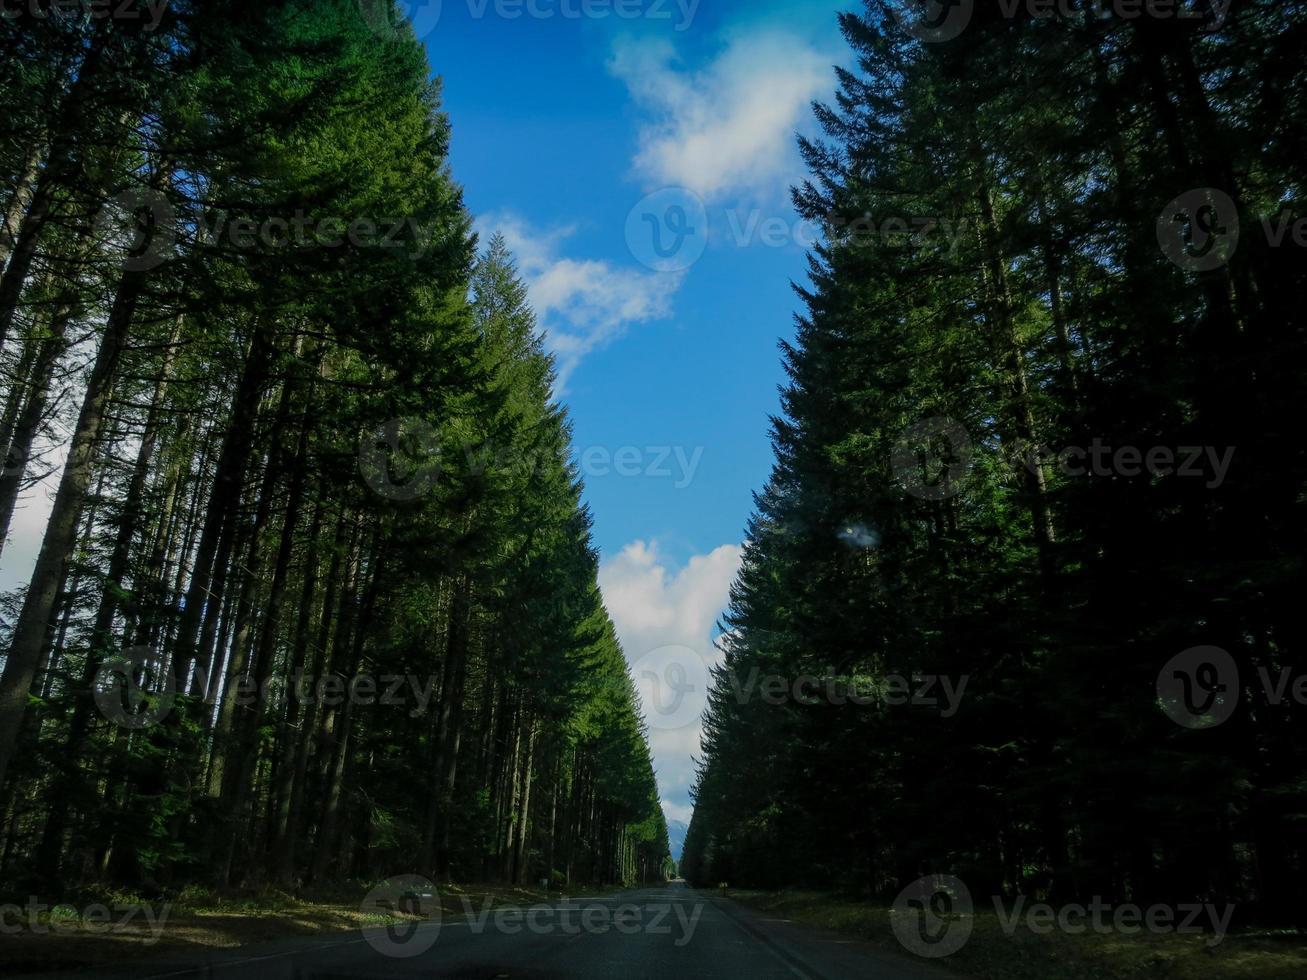 longa fila de árvores foto